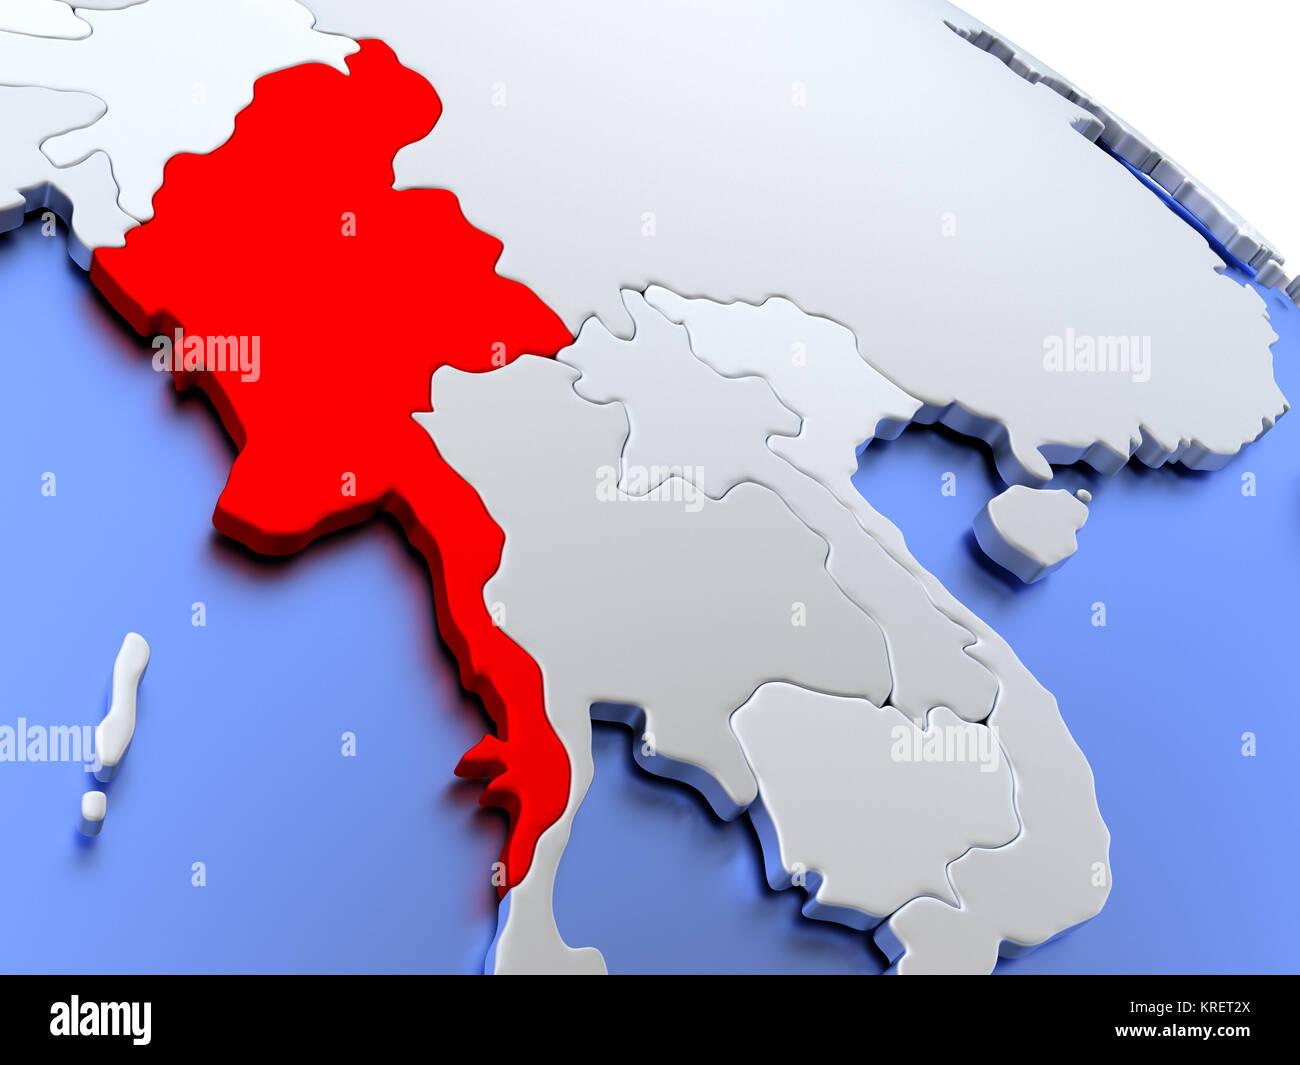 Myanmar on world map stock photo 169356626 alamy myanmar on world map gumiabroncs Gallery